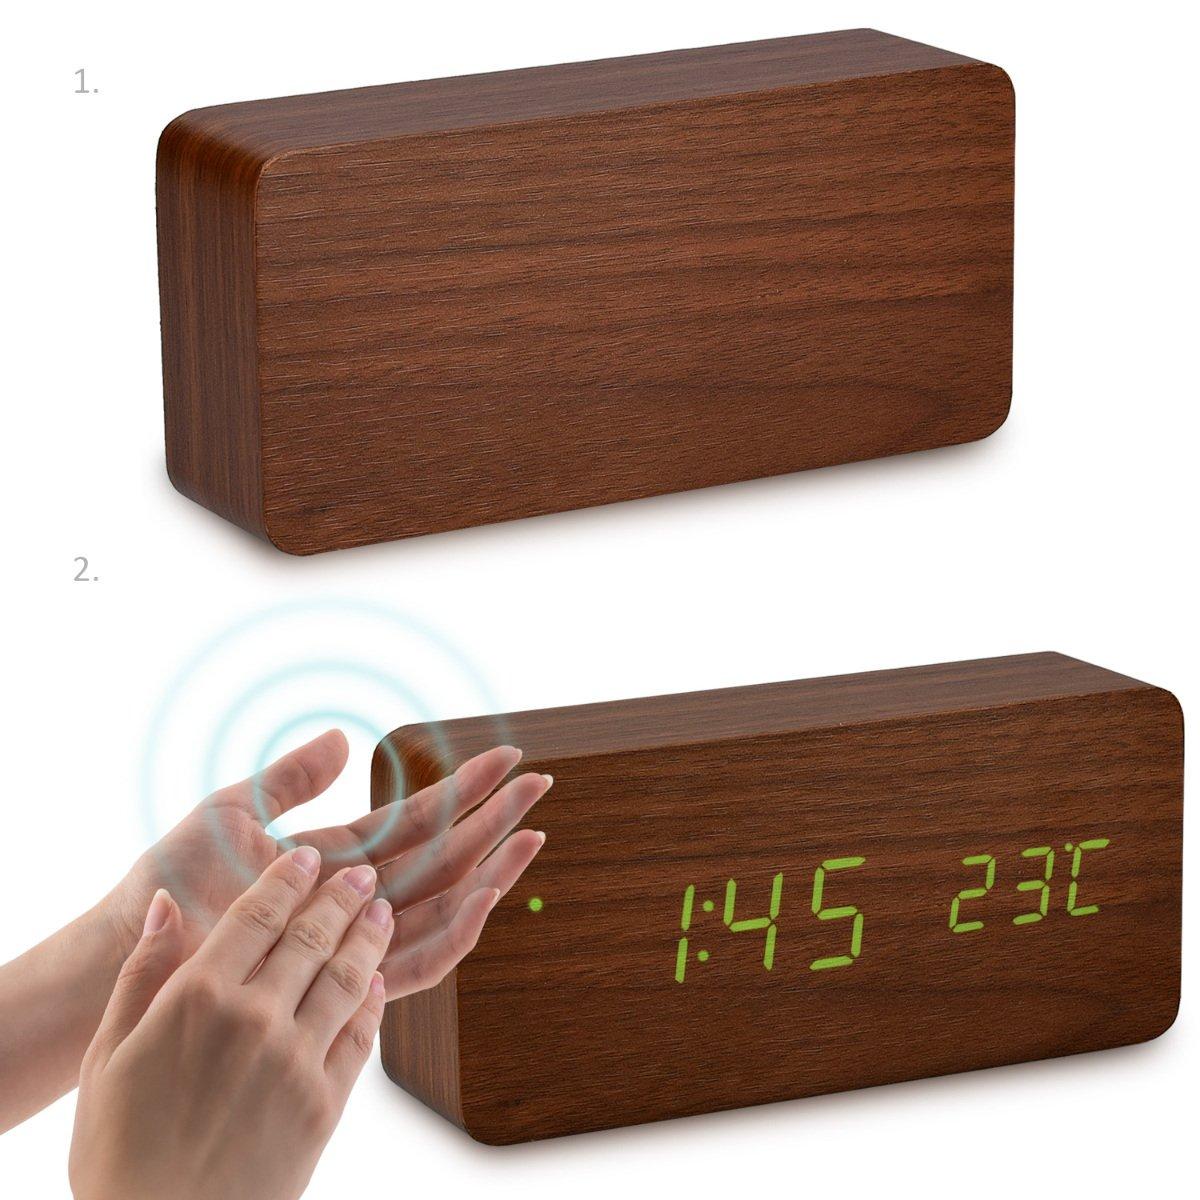 kwmobile Reloj Despertador Digital con Cable USB - Pantalla LED y activación táctil - Indicador de Temperatura y Calendario en Madera y LED Verde: ...